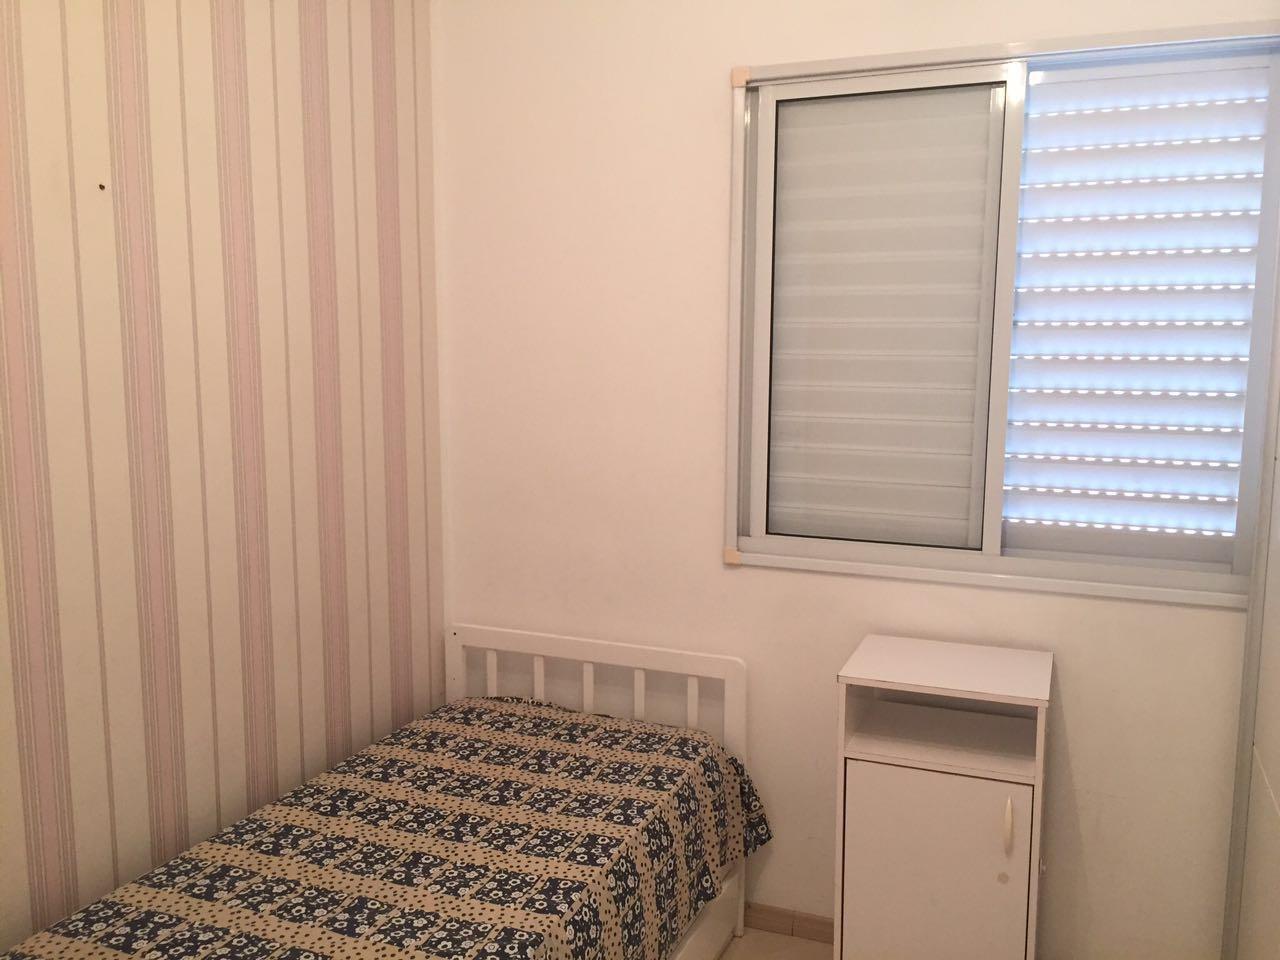 Soute Imóveis - Apto 2 Dorm, Vila das Bandeiras - Foto 8